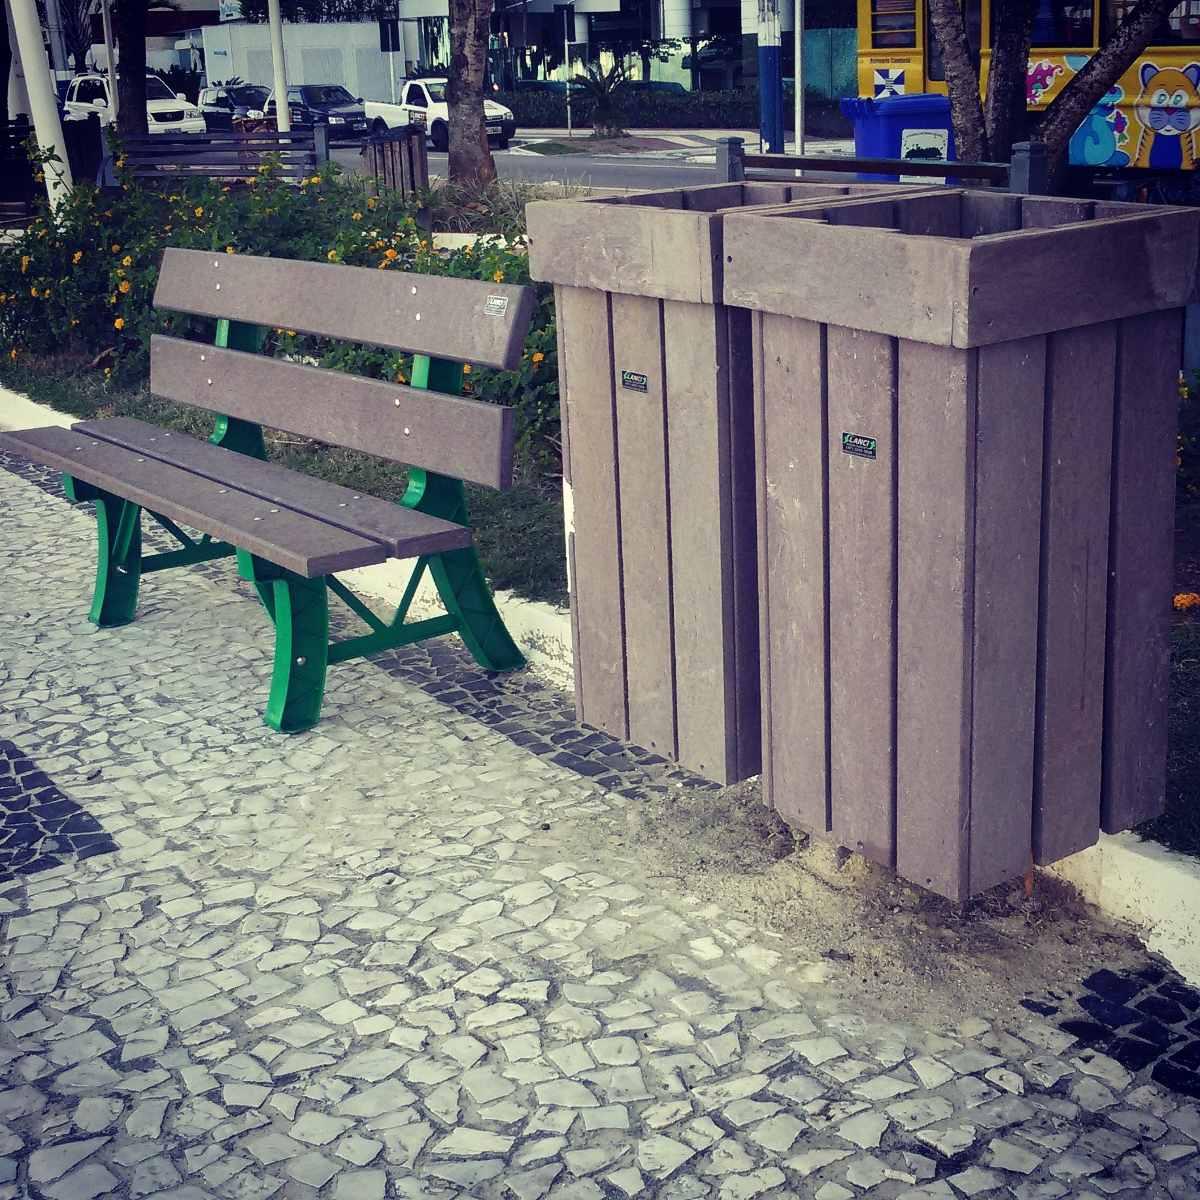 Banco De Jardim Em Madeira Plástica R$ 399 00 em Mercado Livre #836B33 1200x1200